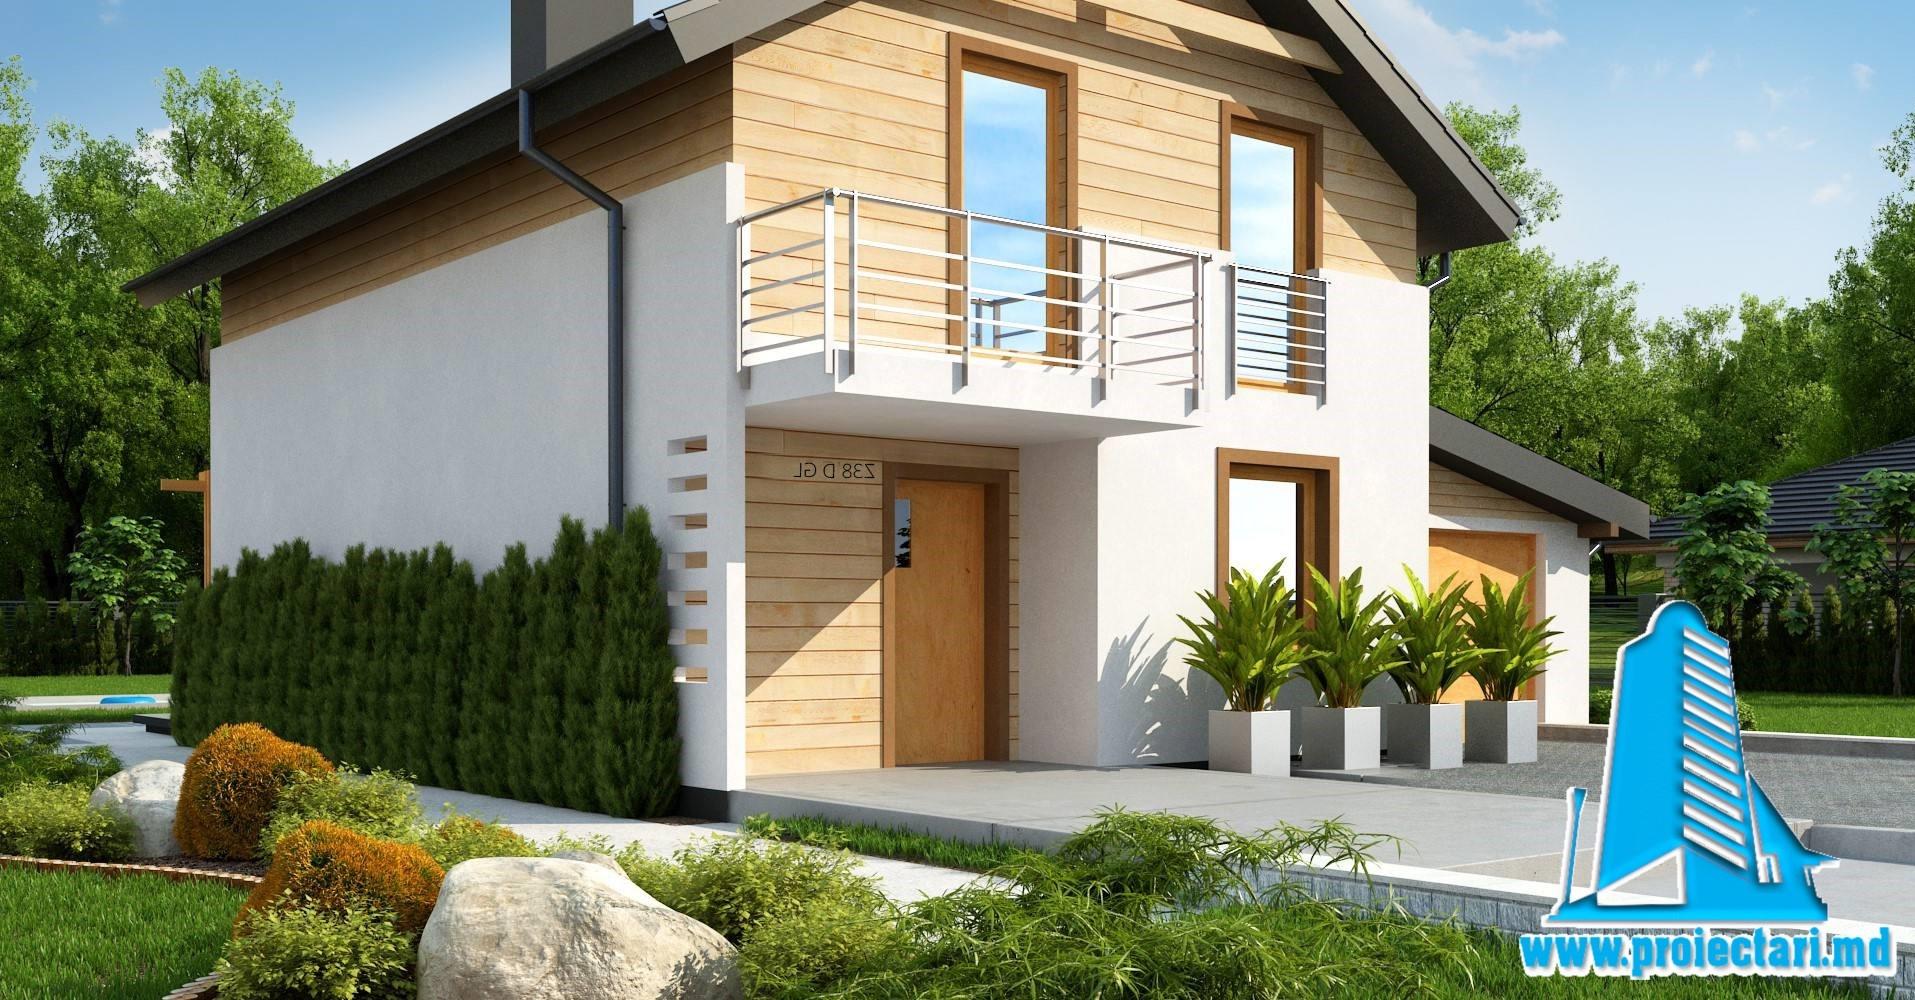 Proiect Casa cu doua etaje, garaje pentru un automobil si terasa de vara-200m2-101068